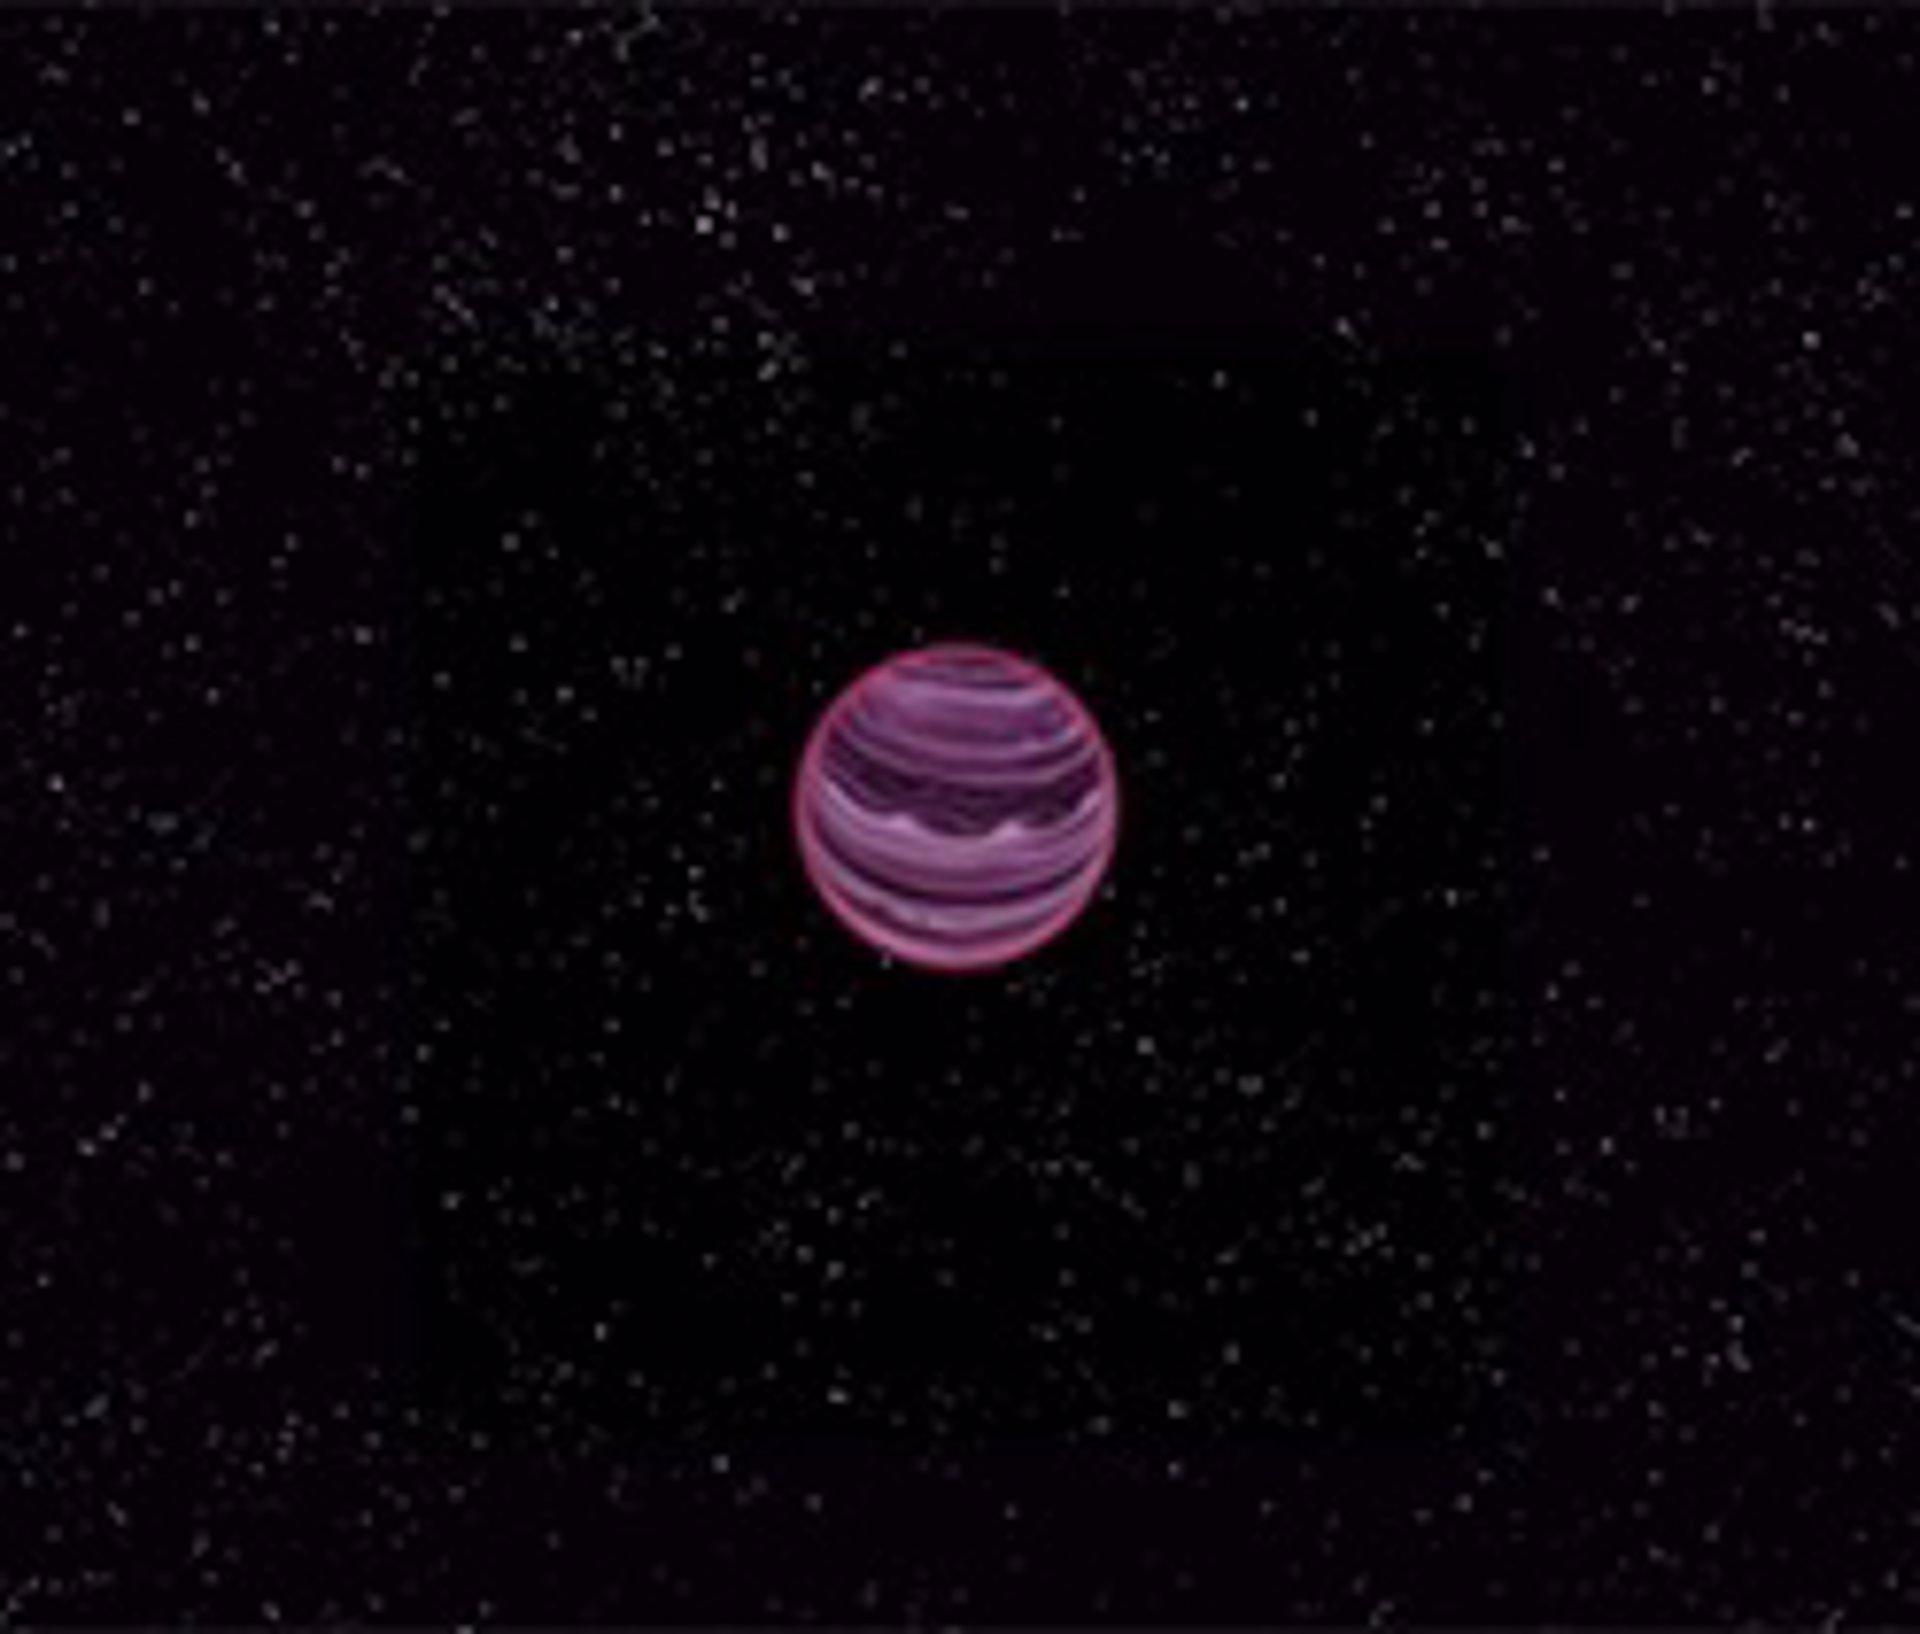 Hallan un extraño planeta que no orbita ninguna estrella